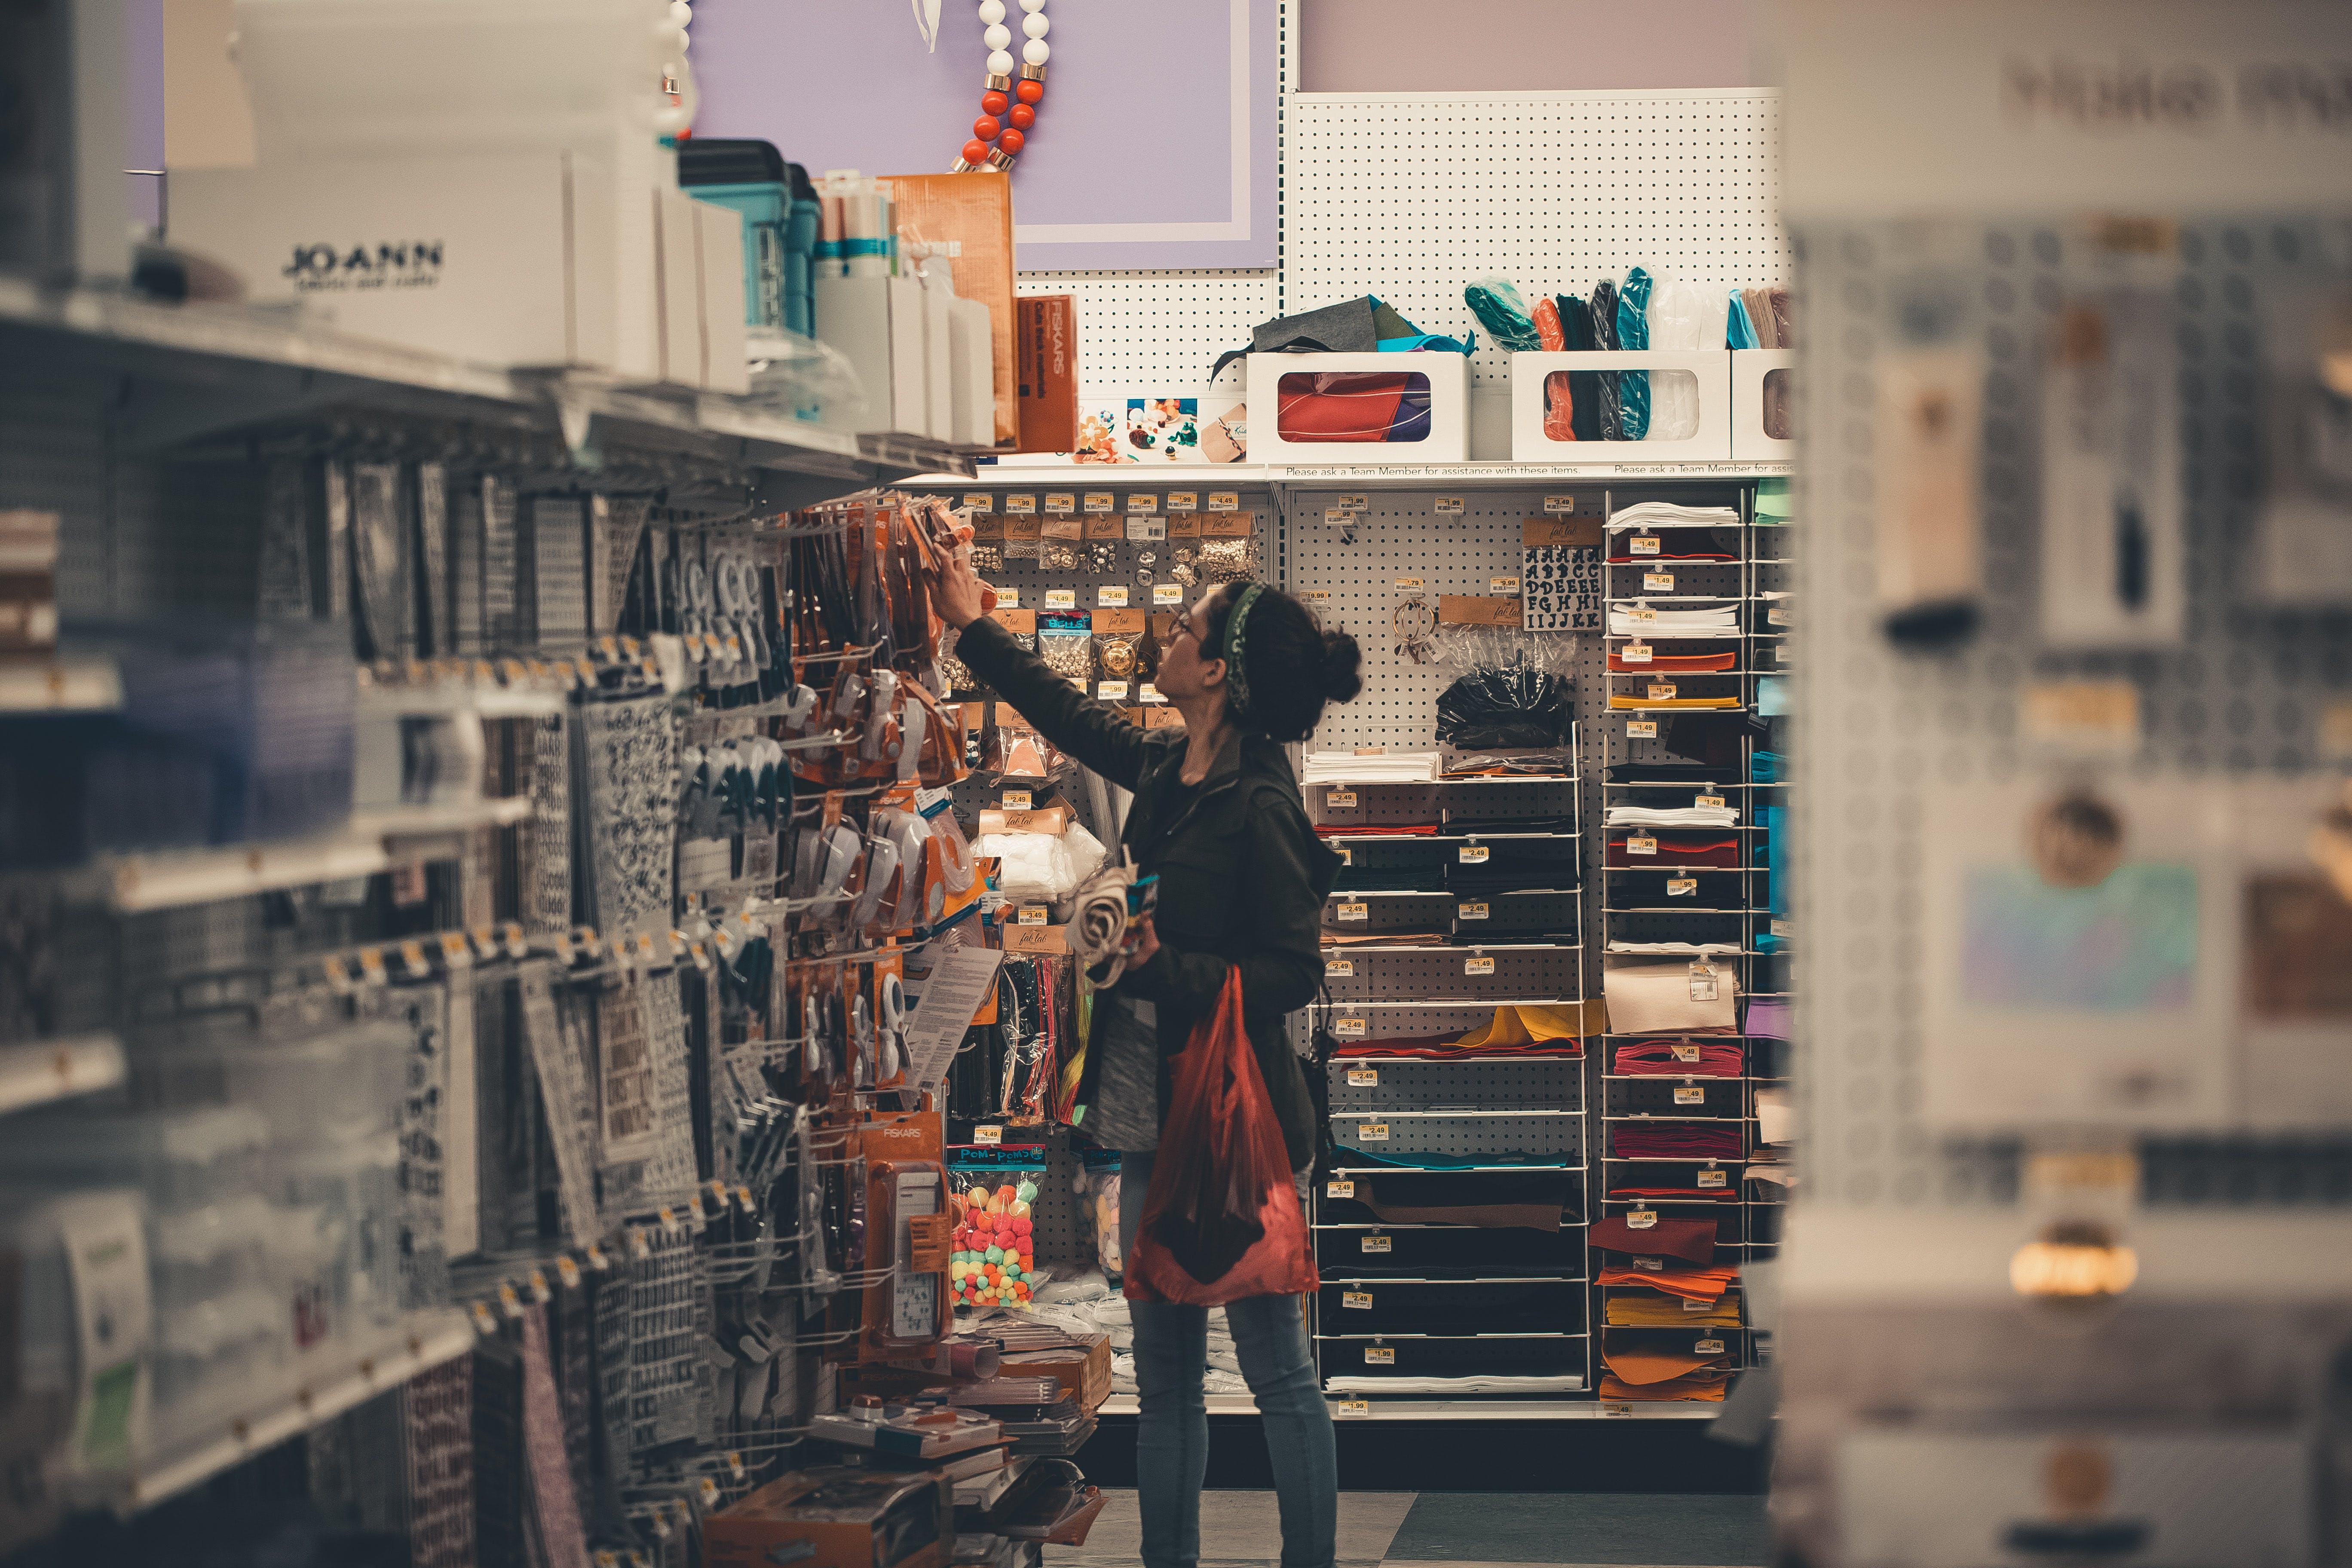 Ảnh lưu trữ miễn phí về giống cái, mua sắm, thương mại, đàn bà